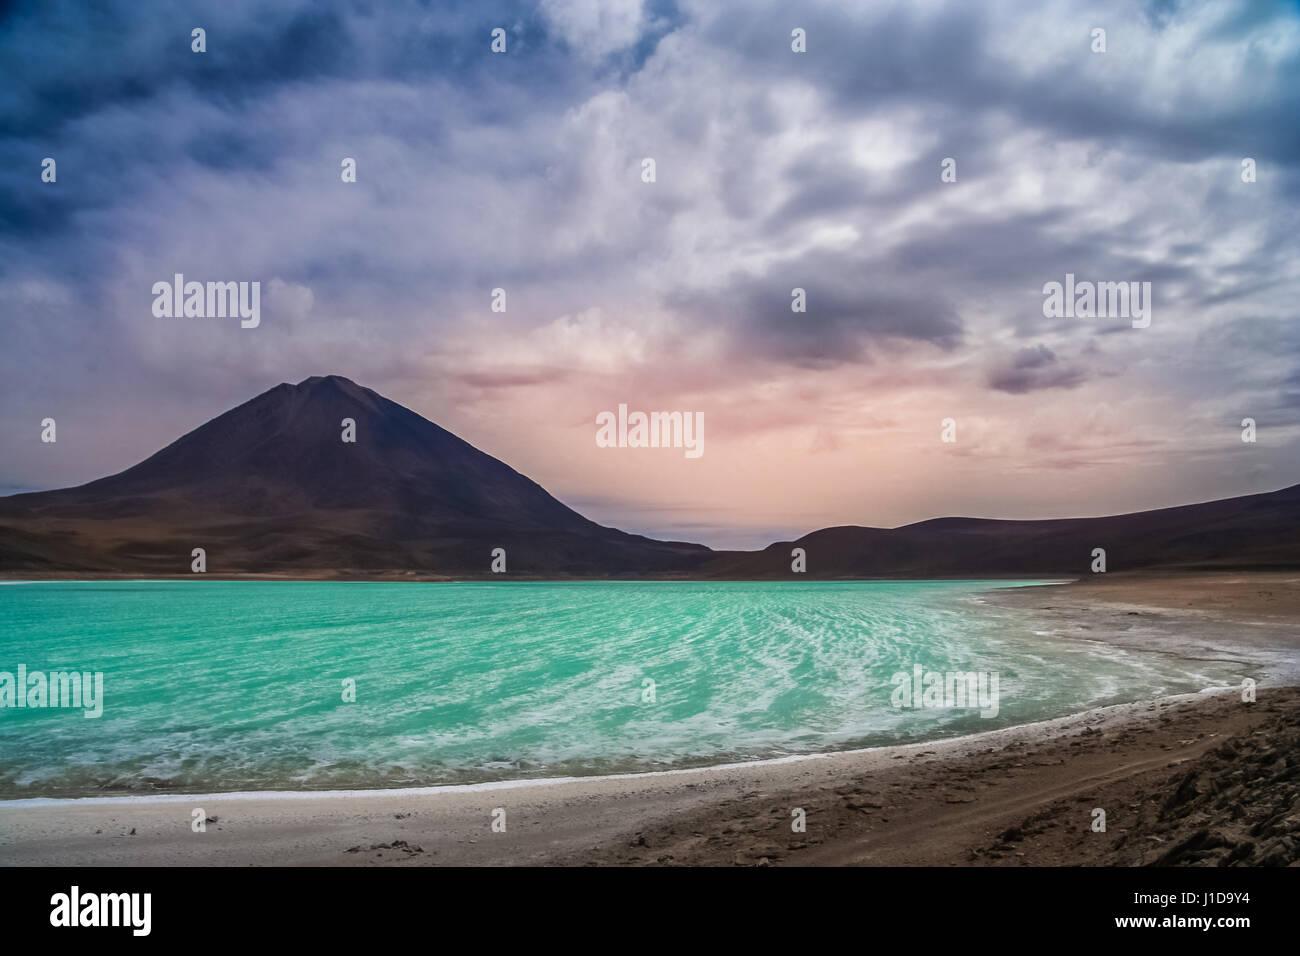 Laguna Verde denominadas Laguna Verde, en las montañas, altiplano sur de Bolivia. Imagen De Stock